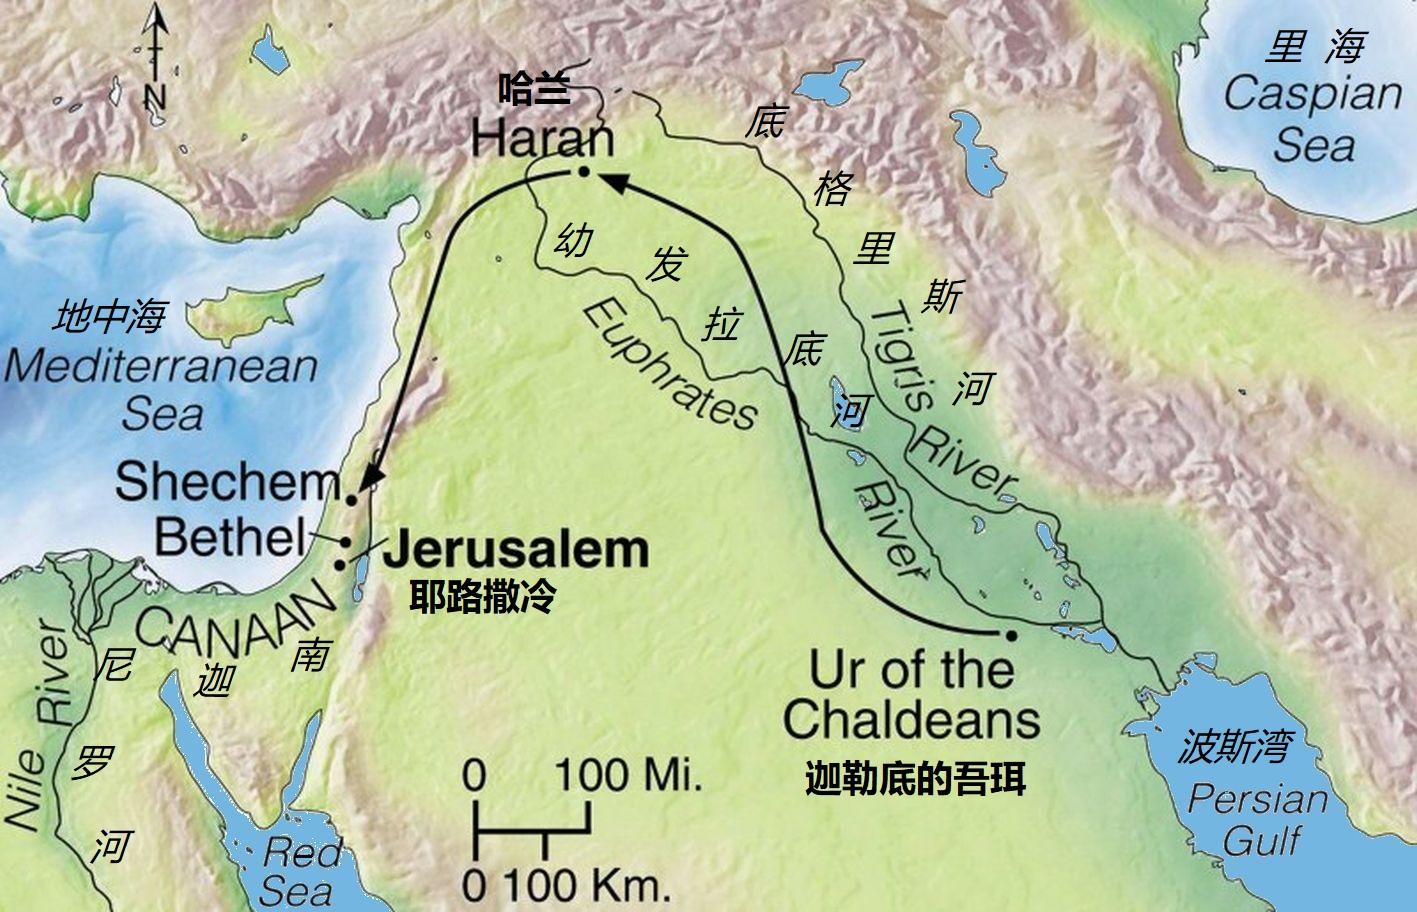 上图:亚伯拉罕从吾珥到迦南的路线,全程约1900公里。「亚伯拉罕和拿鹤的父亲他拉,住在大河那边事奉别神」(书二十四2),神呼召亚伯拉罕离开了幼发拉底河那边的老家吾珥。他们可能是沿着幼发拉底河西岸的商业大道前往迦南,沿途经过巴比伦、利马、哈兰和大马士革等城市,从吾珥到哈兰大约1100公里,从哈兰到迦南地大约800公里。亚伯拉罕信靠神,凭信心走完了这段漫长的路程,所以圣经说:「亚伯兰信耶和华,耶和华就以此为他的义」(创十五6)。